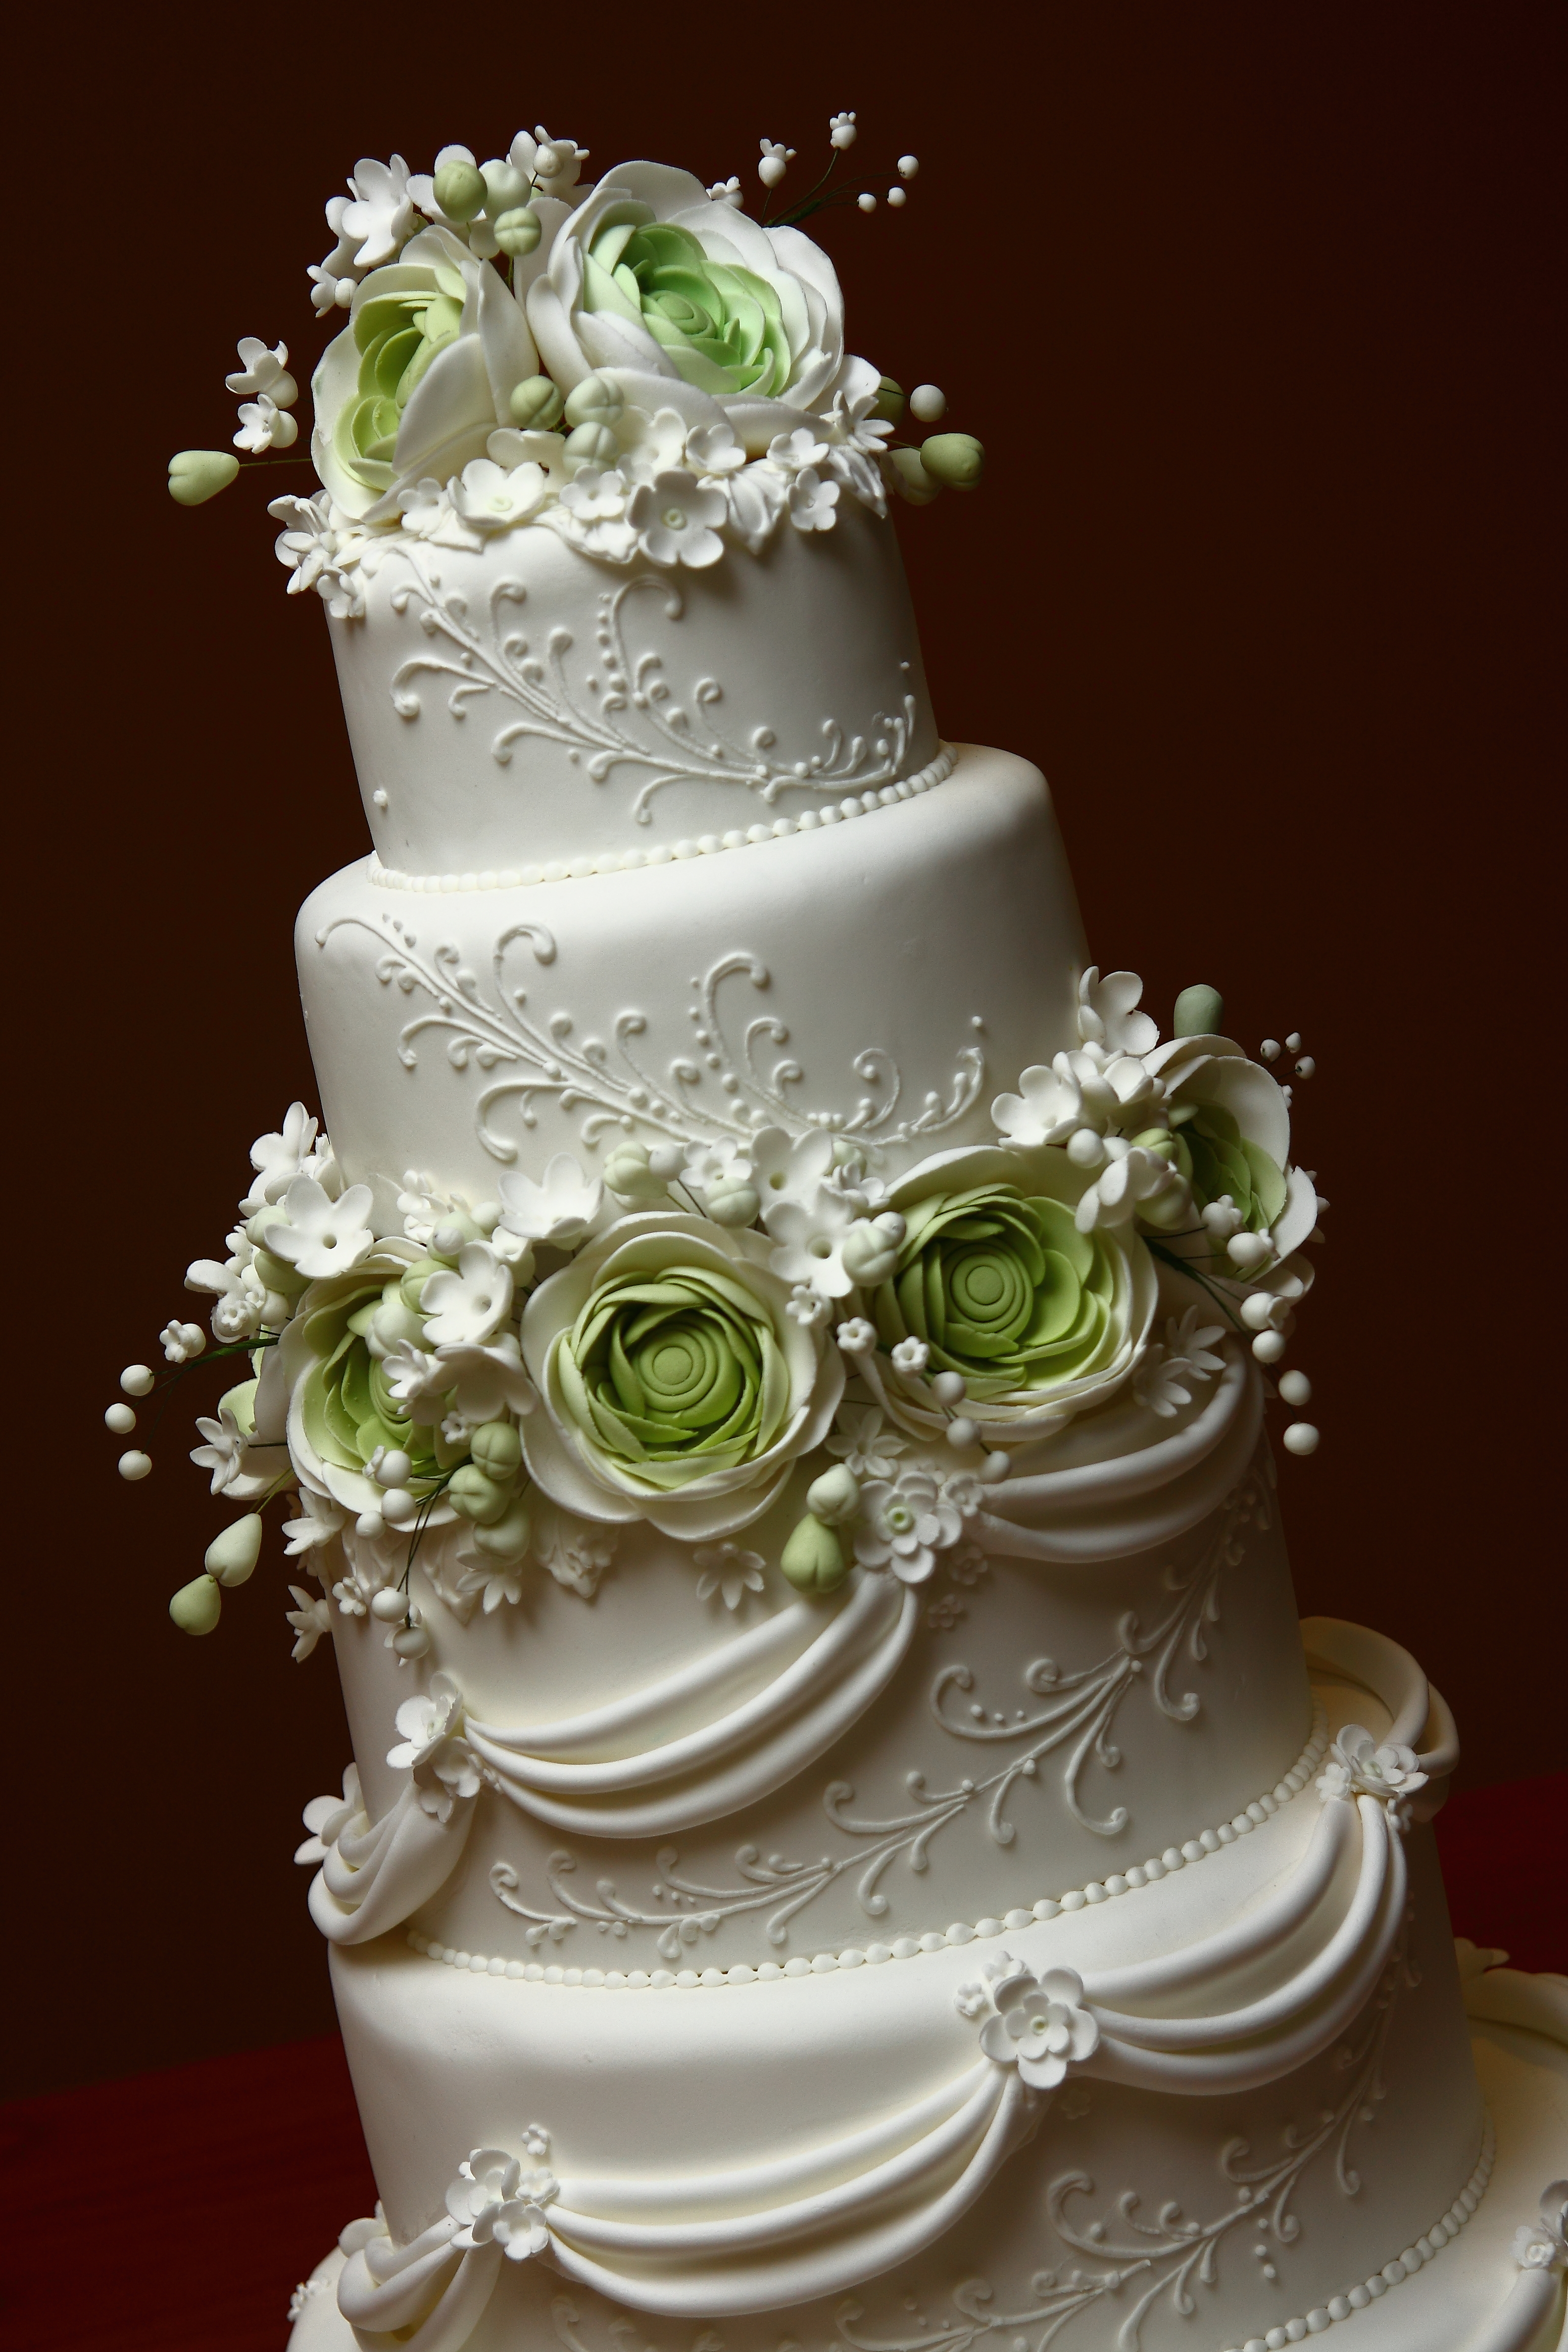 I pi? dolci peccati di gola Ecco le cake designer ...